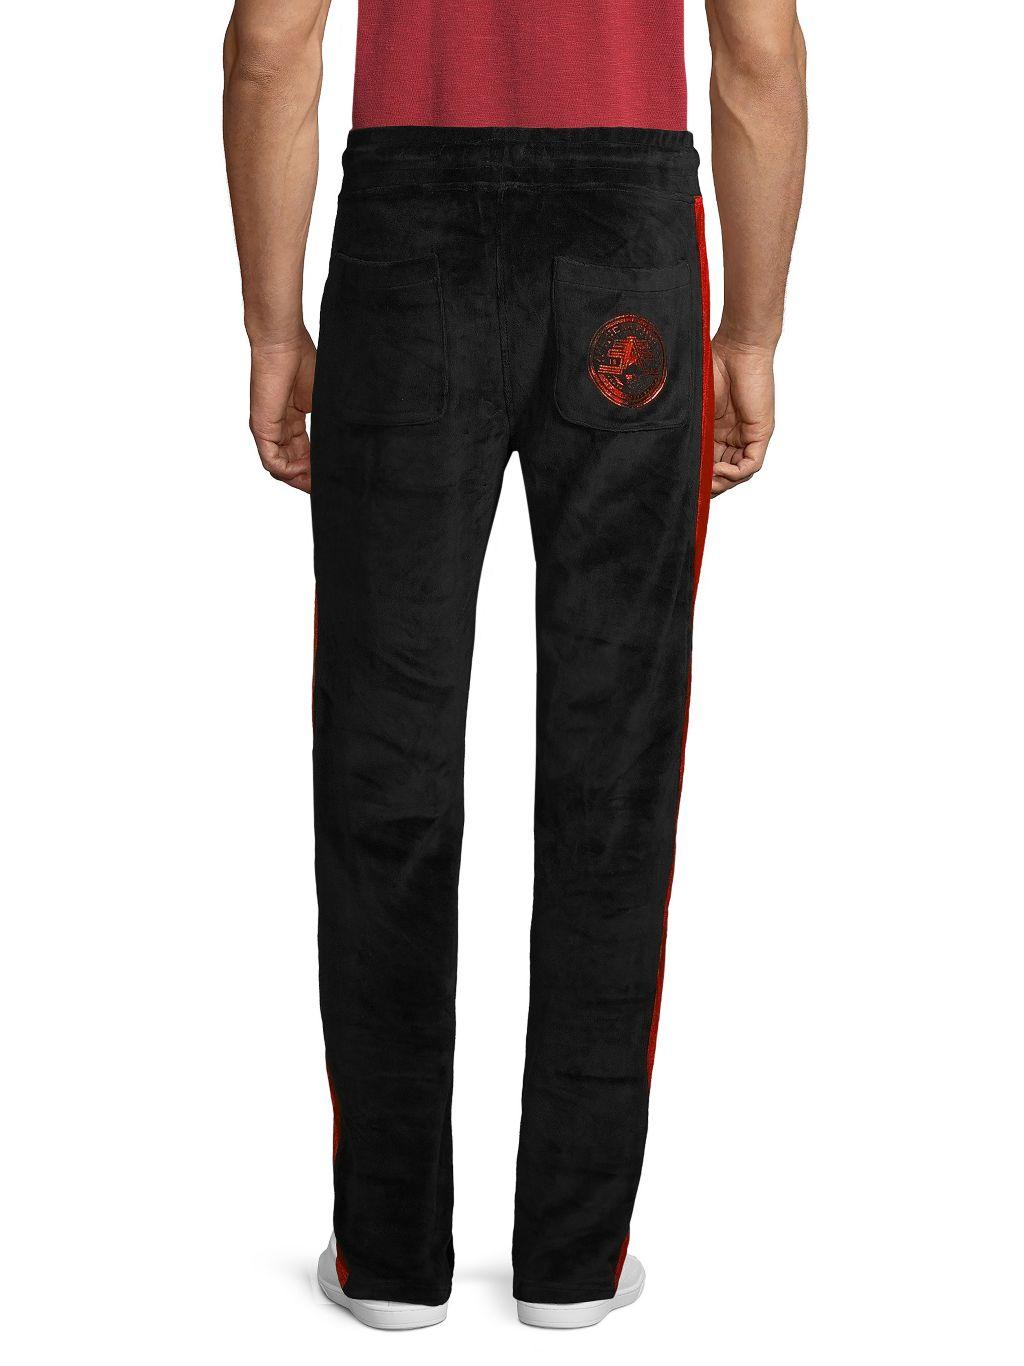 American Fighter Side-Striped Velvet Pants